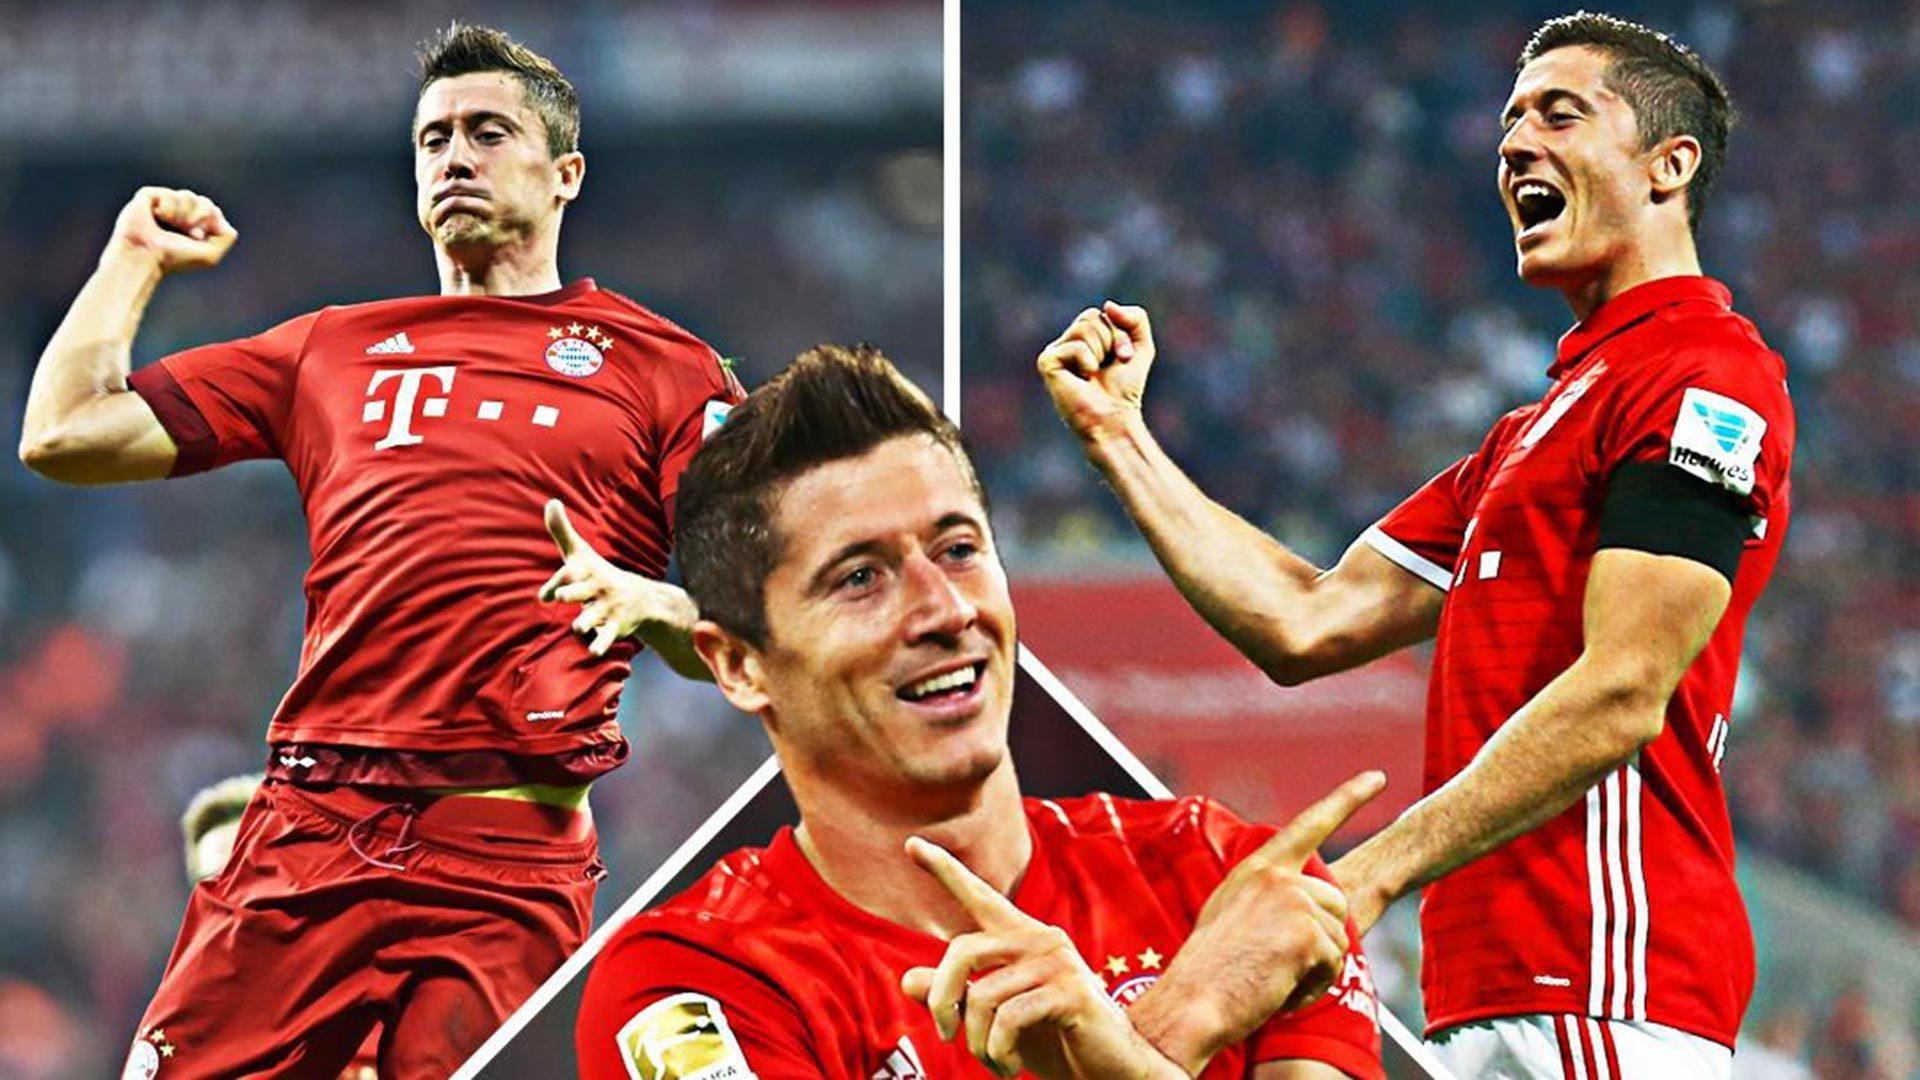 31岁莱万的五大目标再踢一次欧冠决赛 欧洲杯力争四强